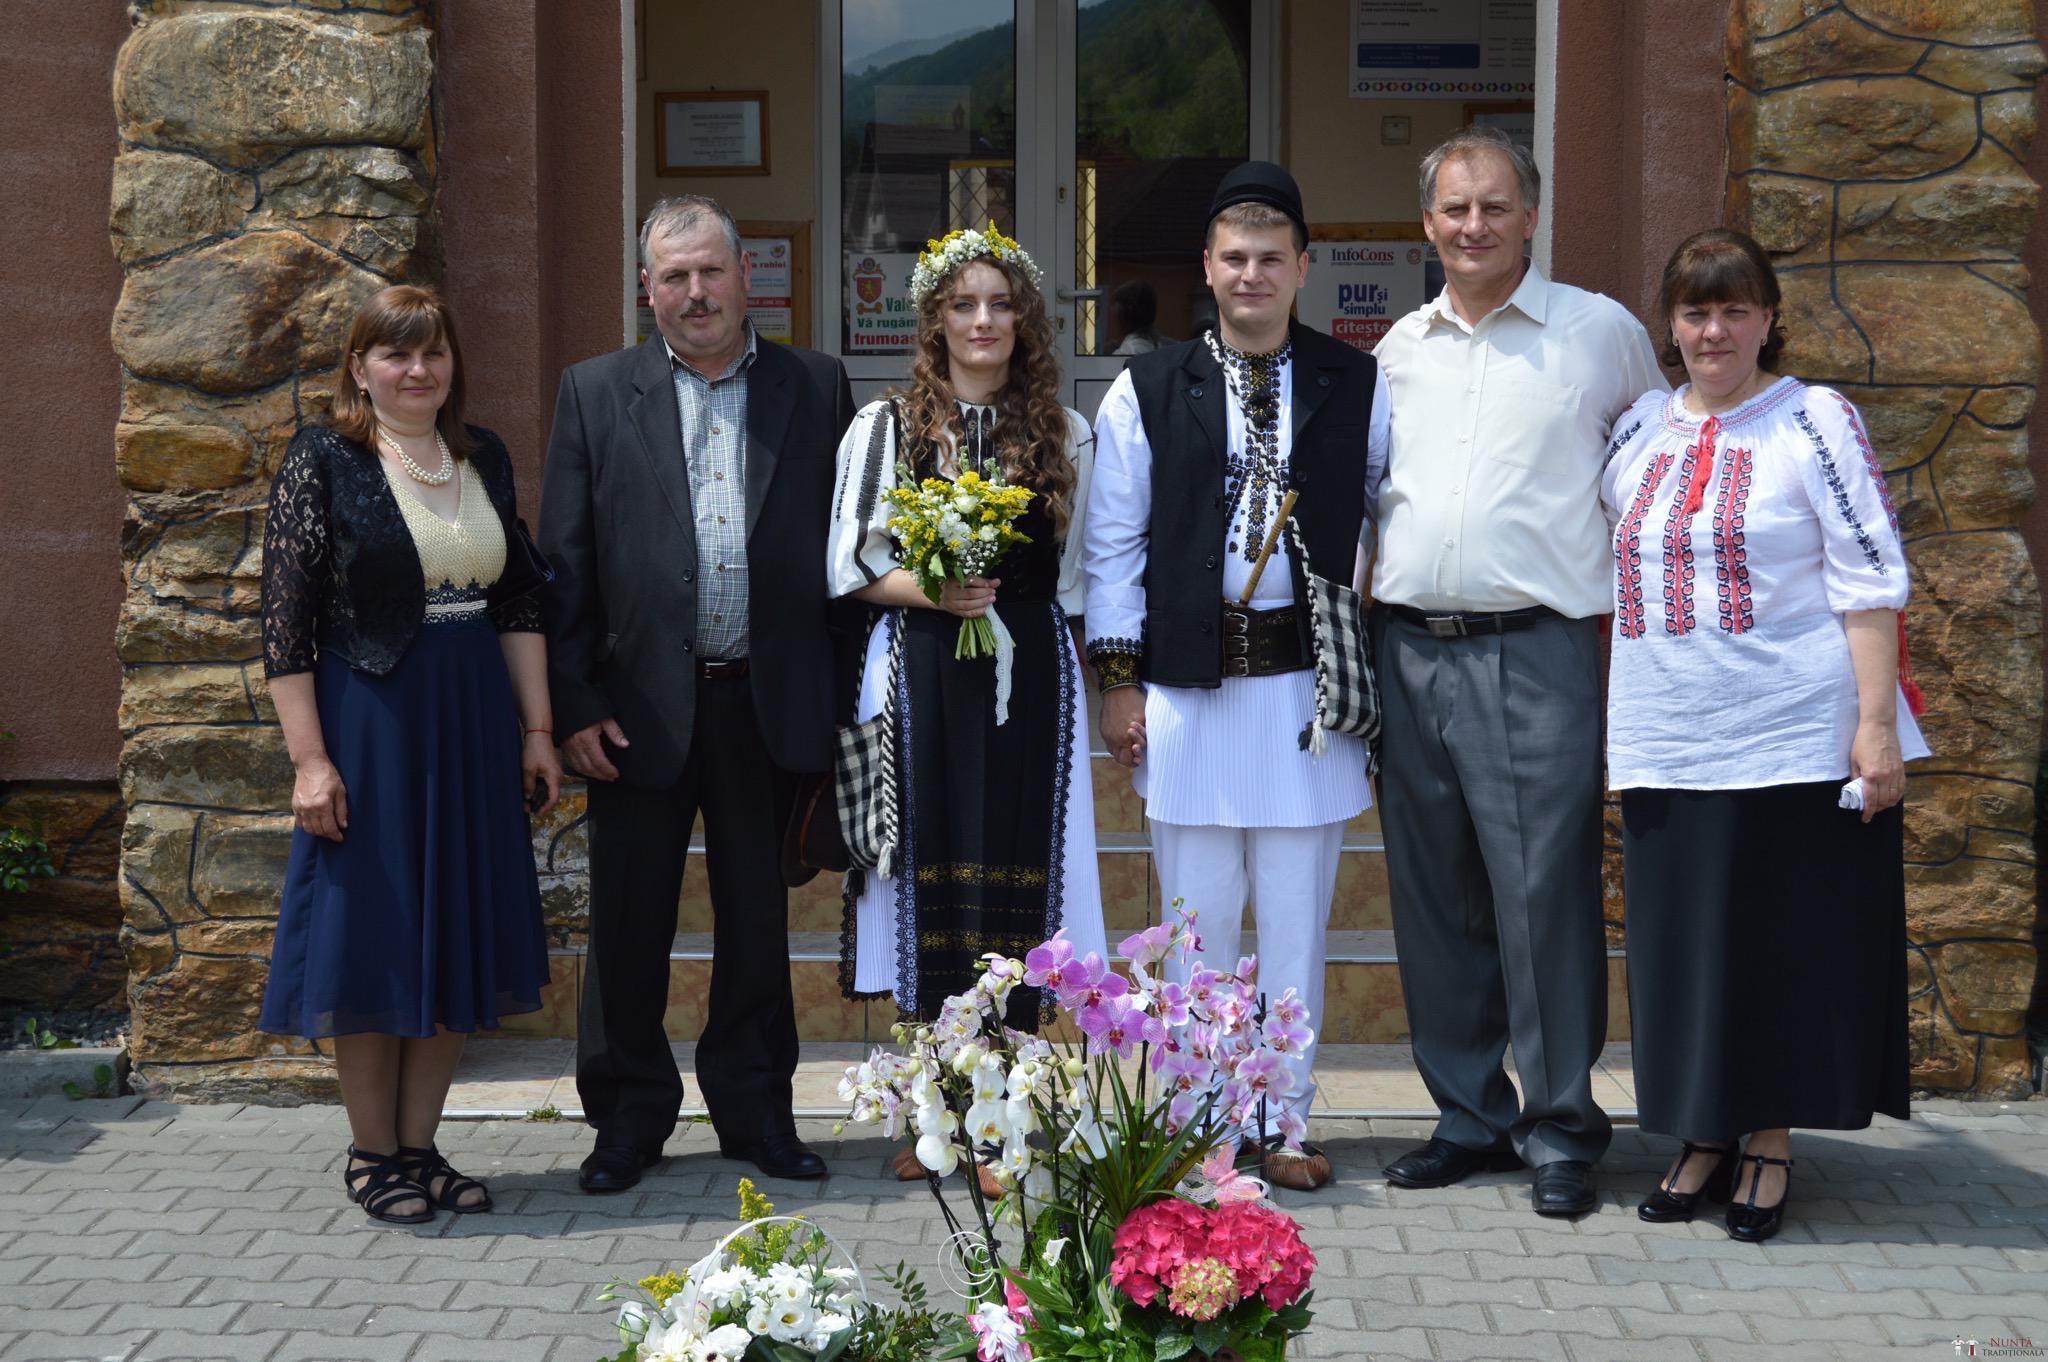 Povești Nunți Tradiționale - Constantin și Simona-Marilena. Nuntă tradițională în Căpâlna, Alba 54